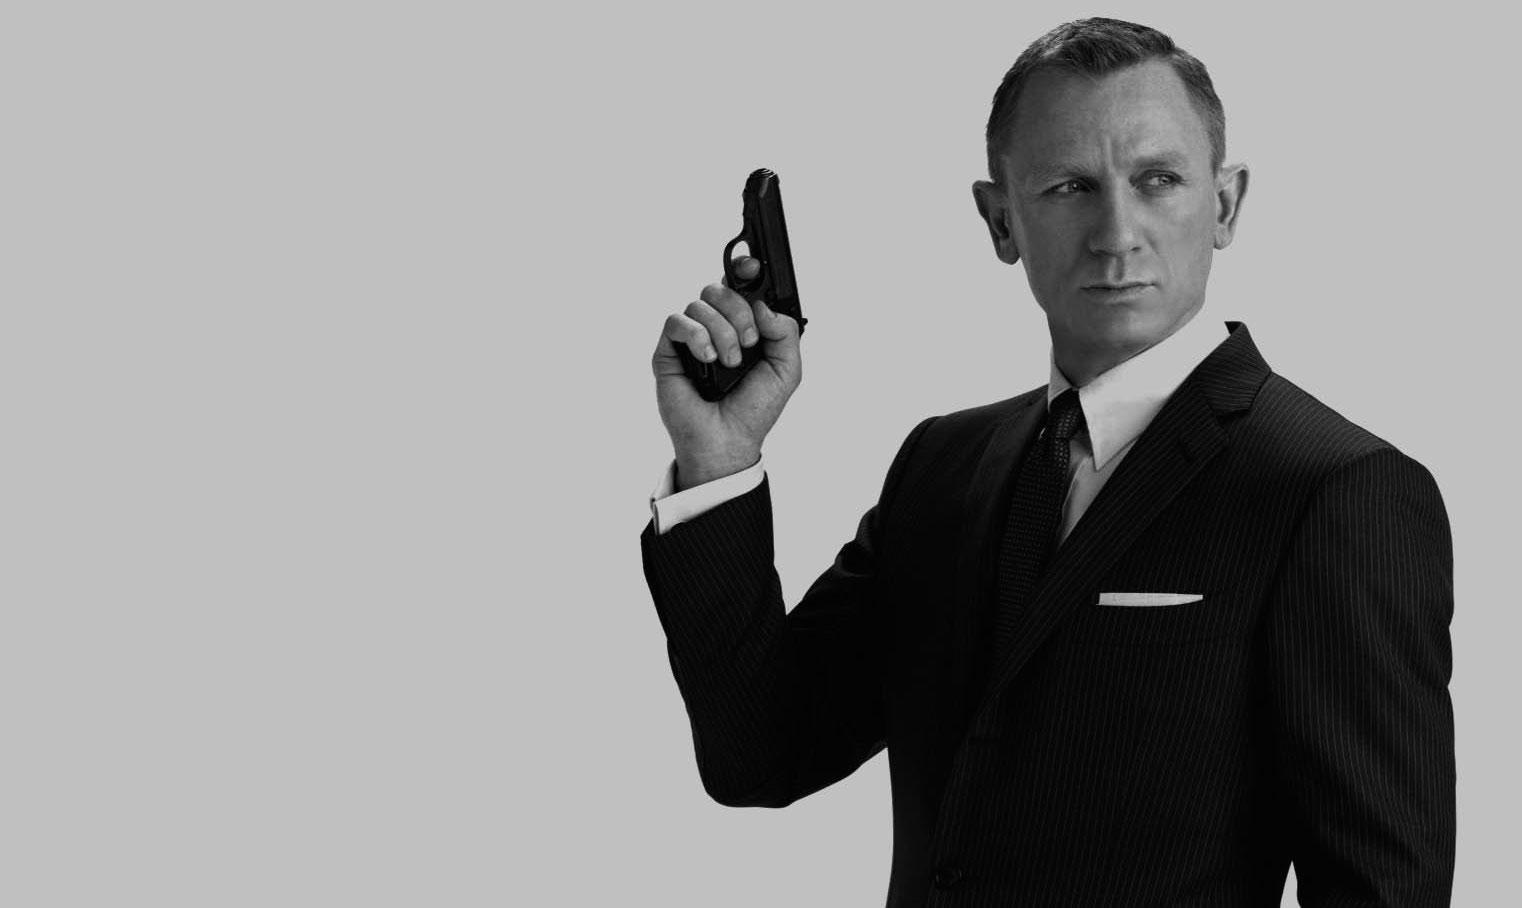 Kết quả hình ảnh cho Chiến Thuật James Bond